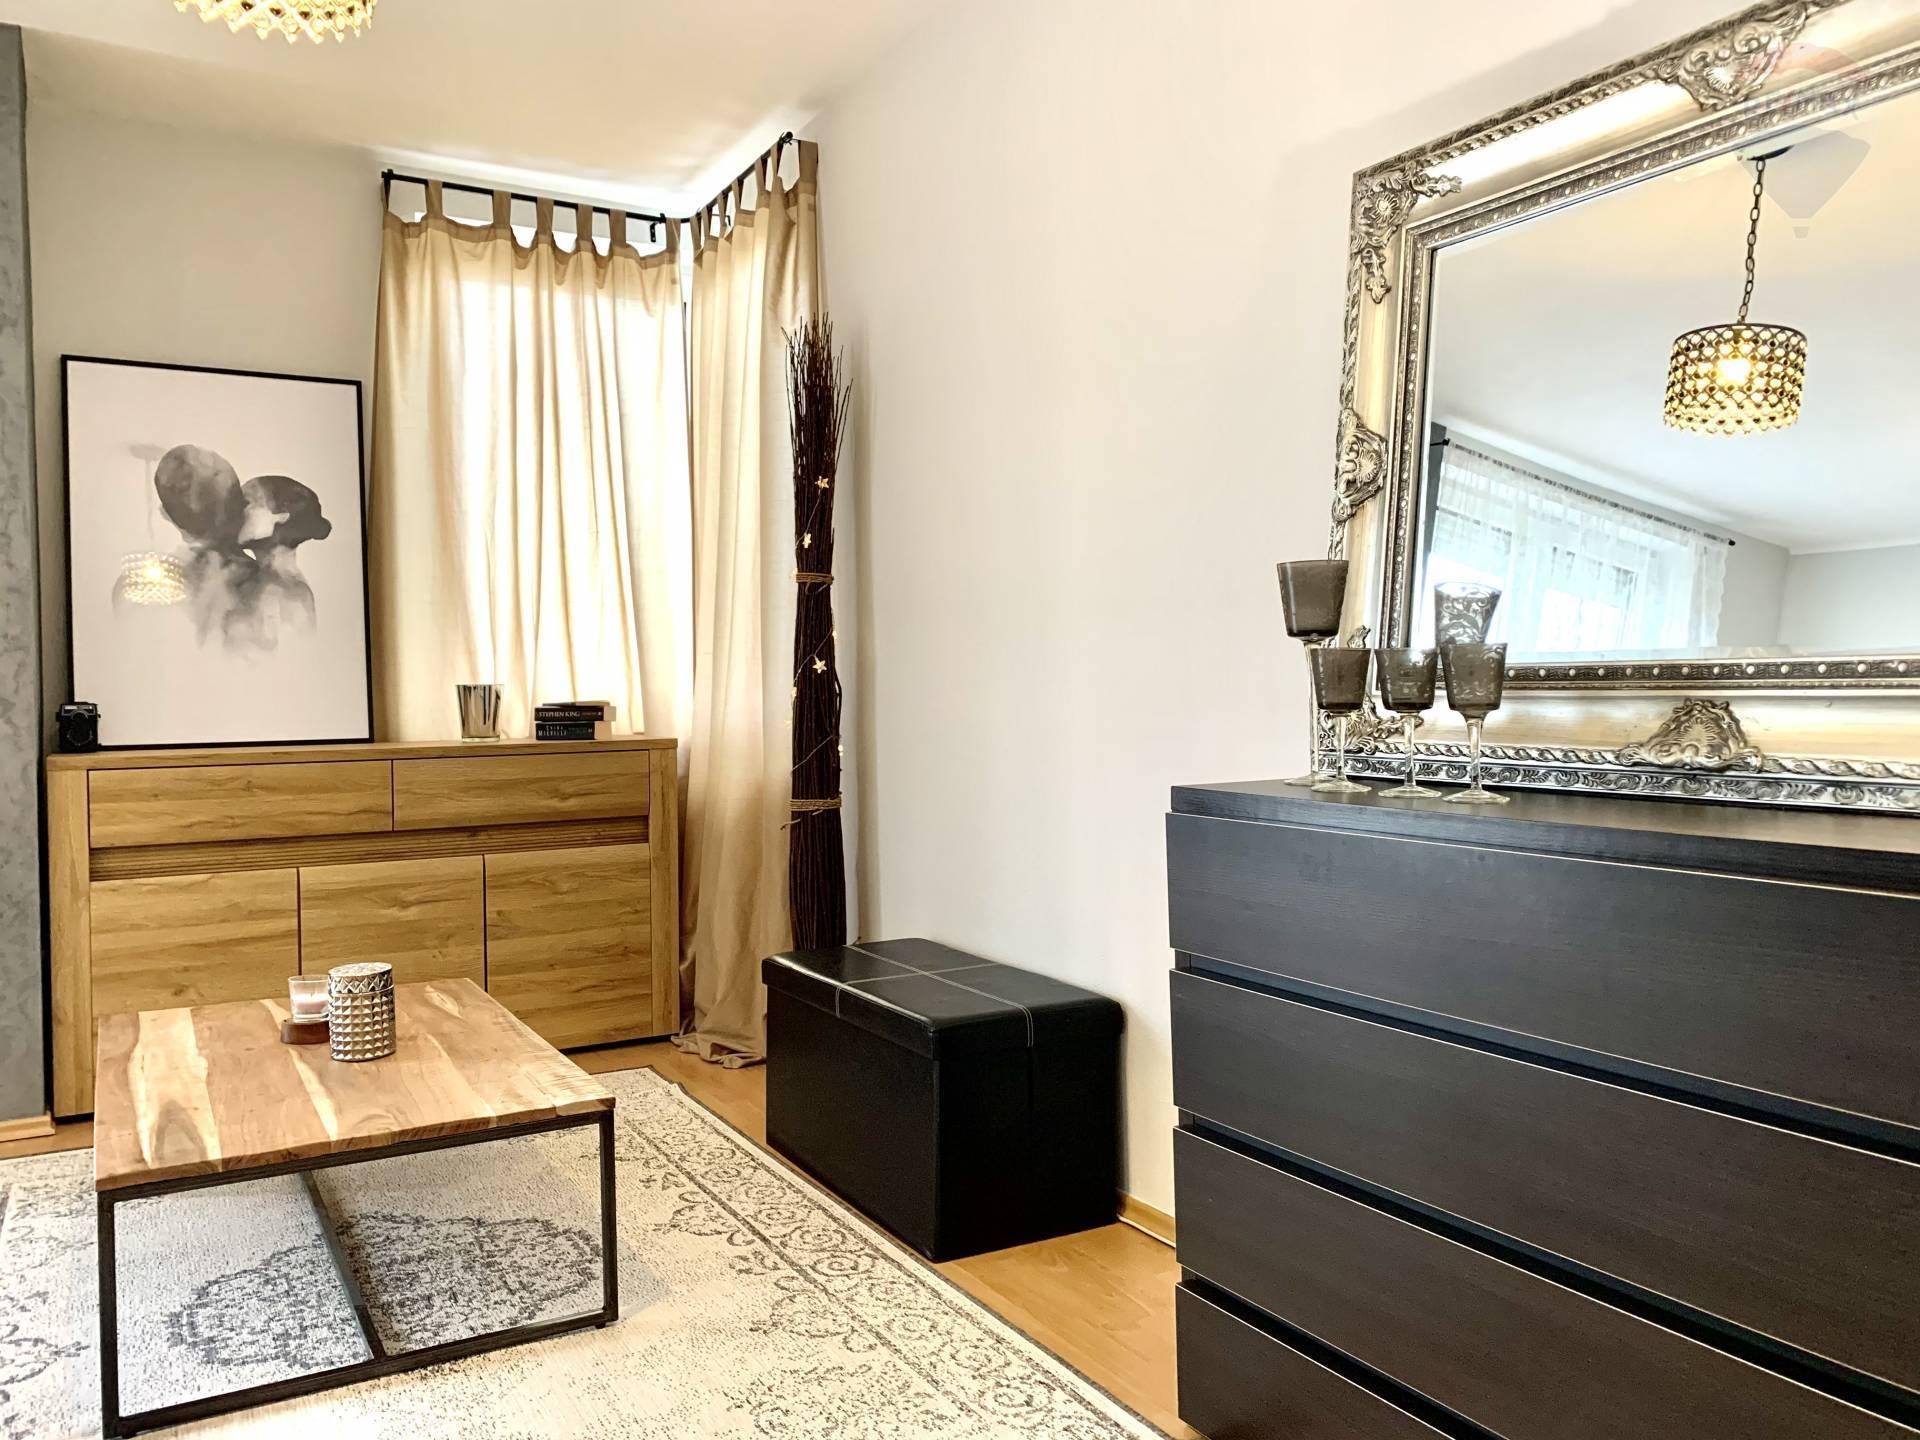 Predaj 1 izbového bytu, Dunajská Streda, centrum, 37 m2, balkón, pivnička